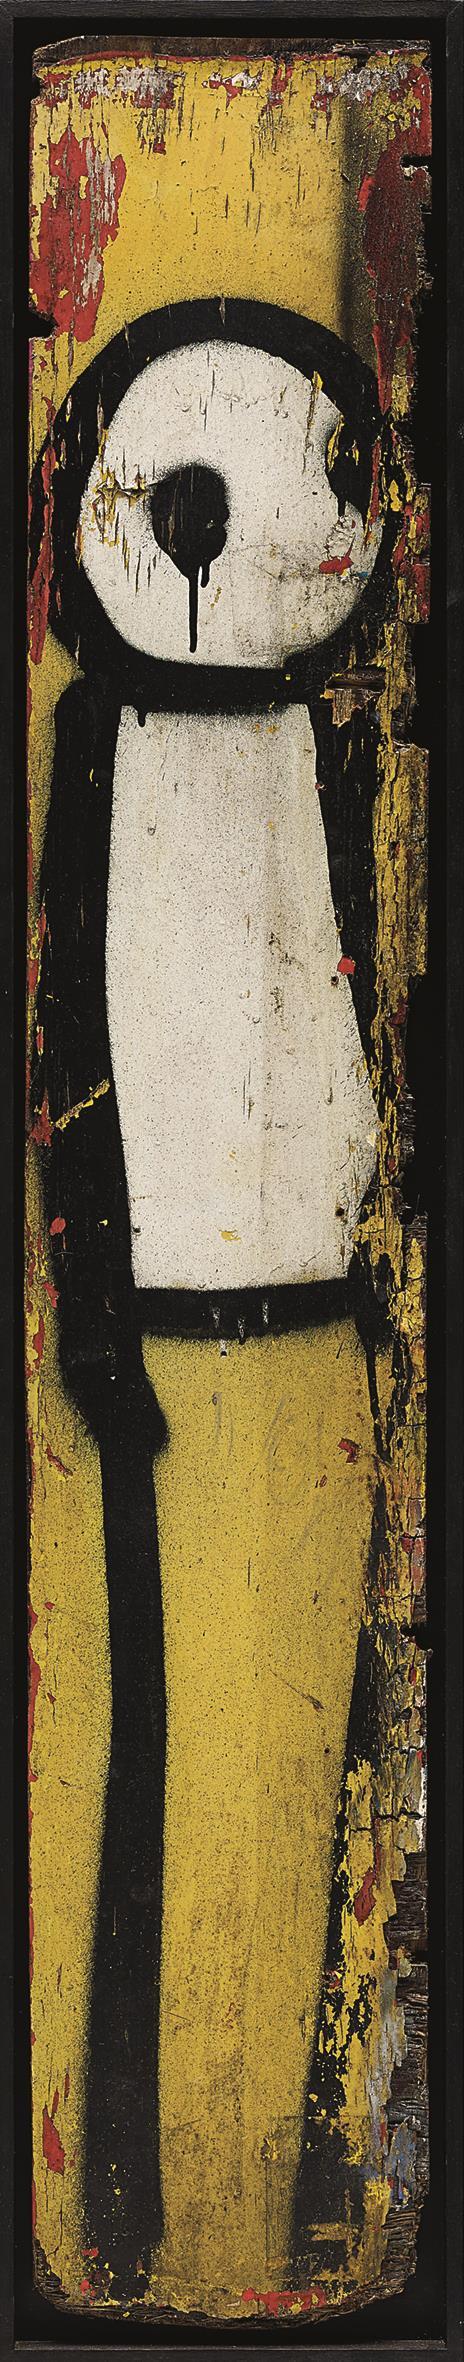 Stik-Magpie-2009